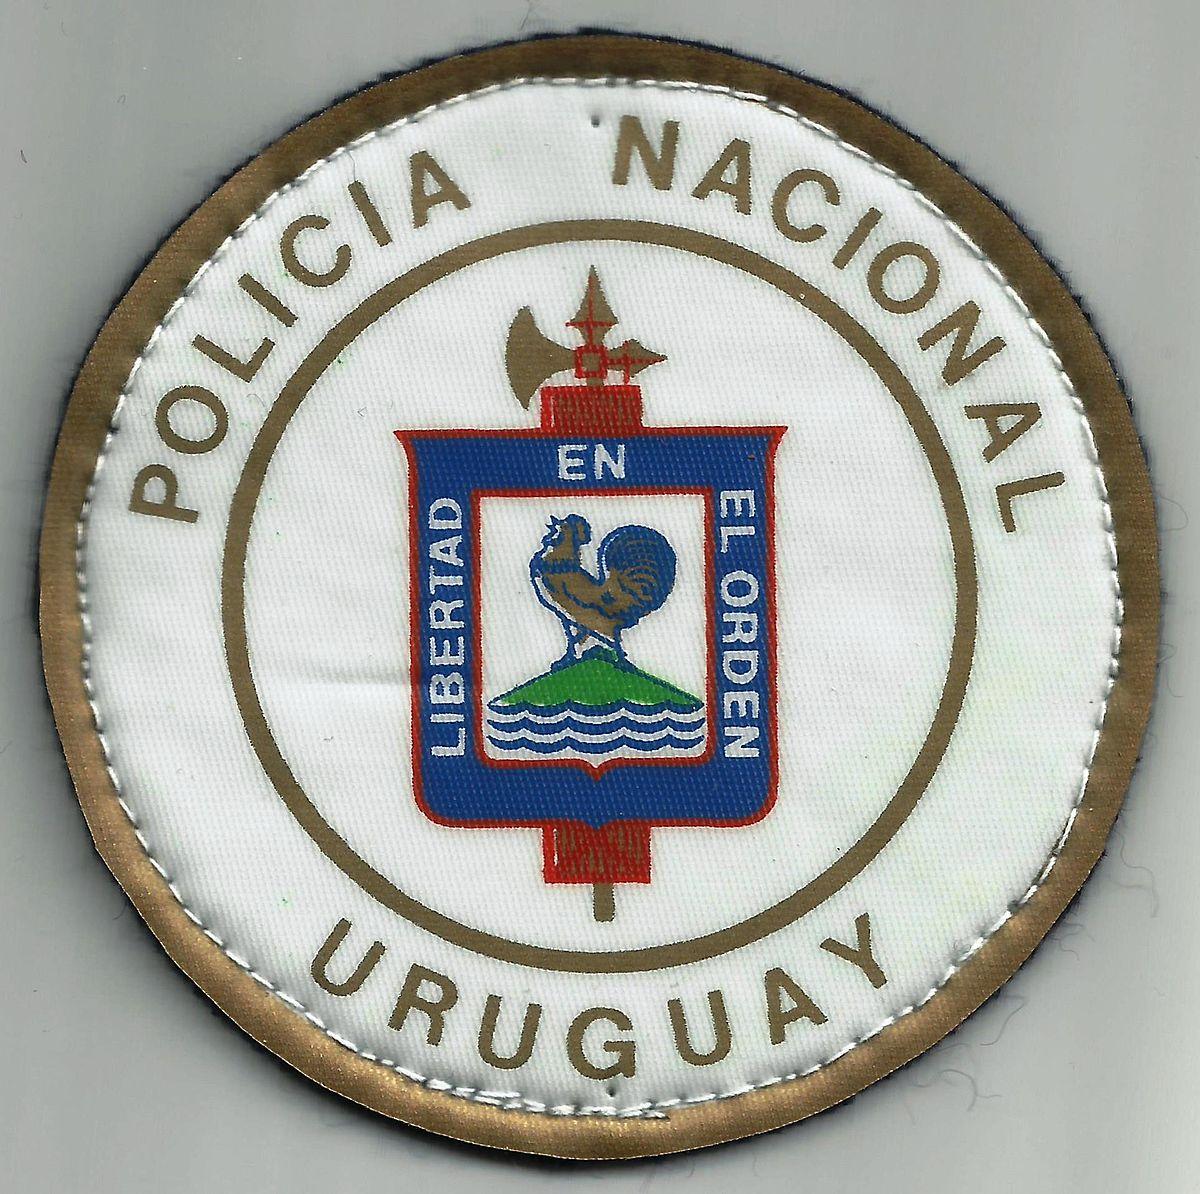 Polic a nacional de uruguay wikipedia la enciclopedia libre for Ministerio policia nacional